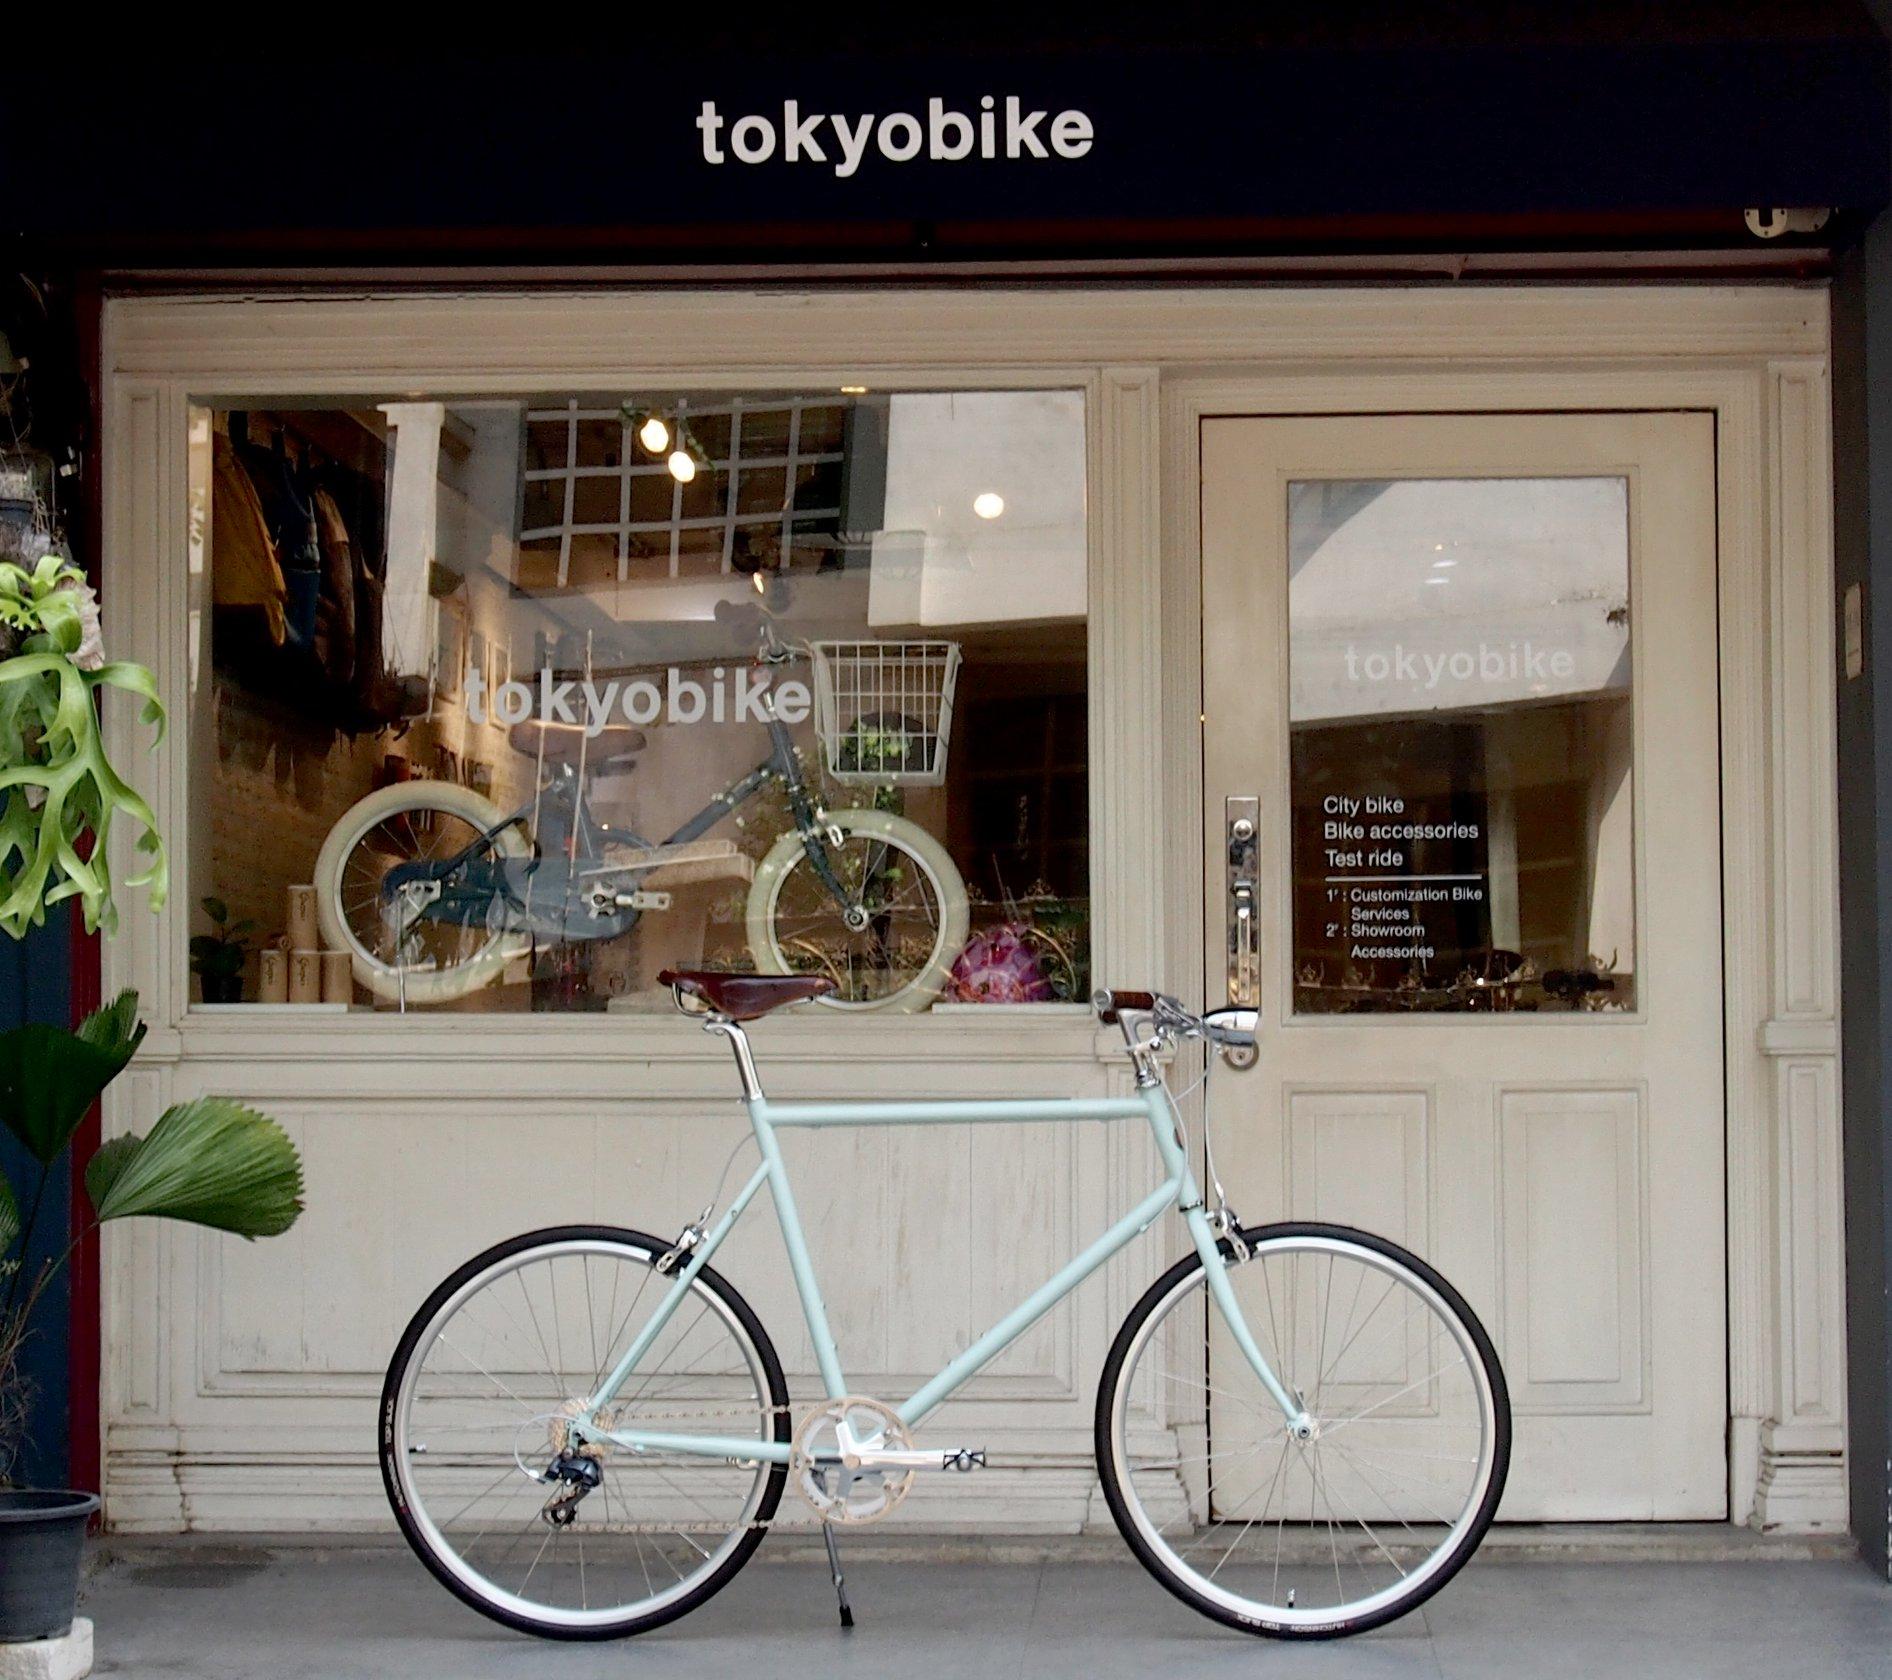 จักรยาน โตเกียวไบค์ tokyobike plus แต่งเบาะหนัง brooks สีน้ำตาล ตัดกับเฟรมสี mint และติดไฟหน้าจักรยานวินเทจ ที่คอด้านหน้า